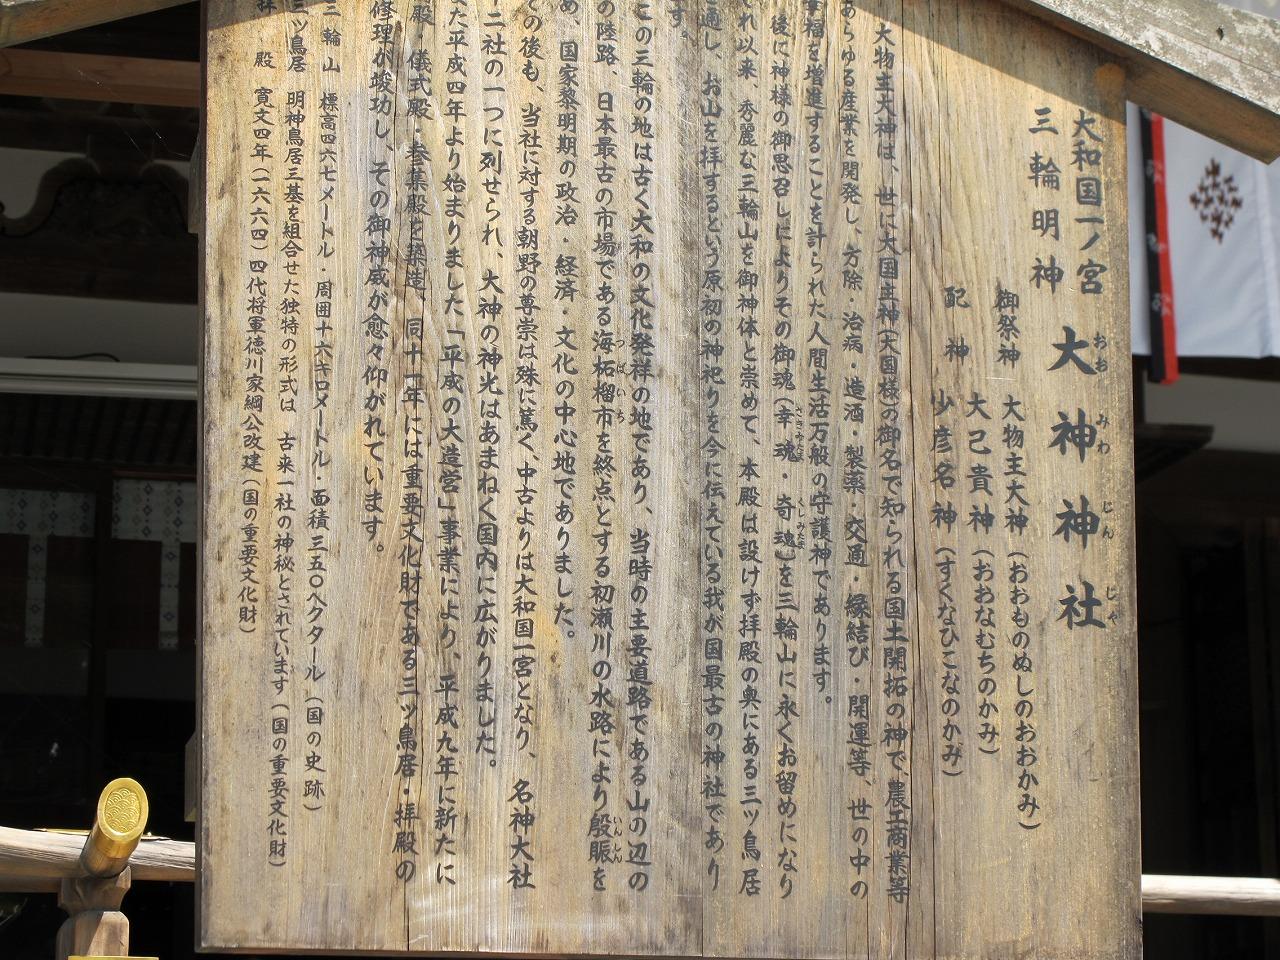 不思議なパワースポット大神神社三輪明神